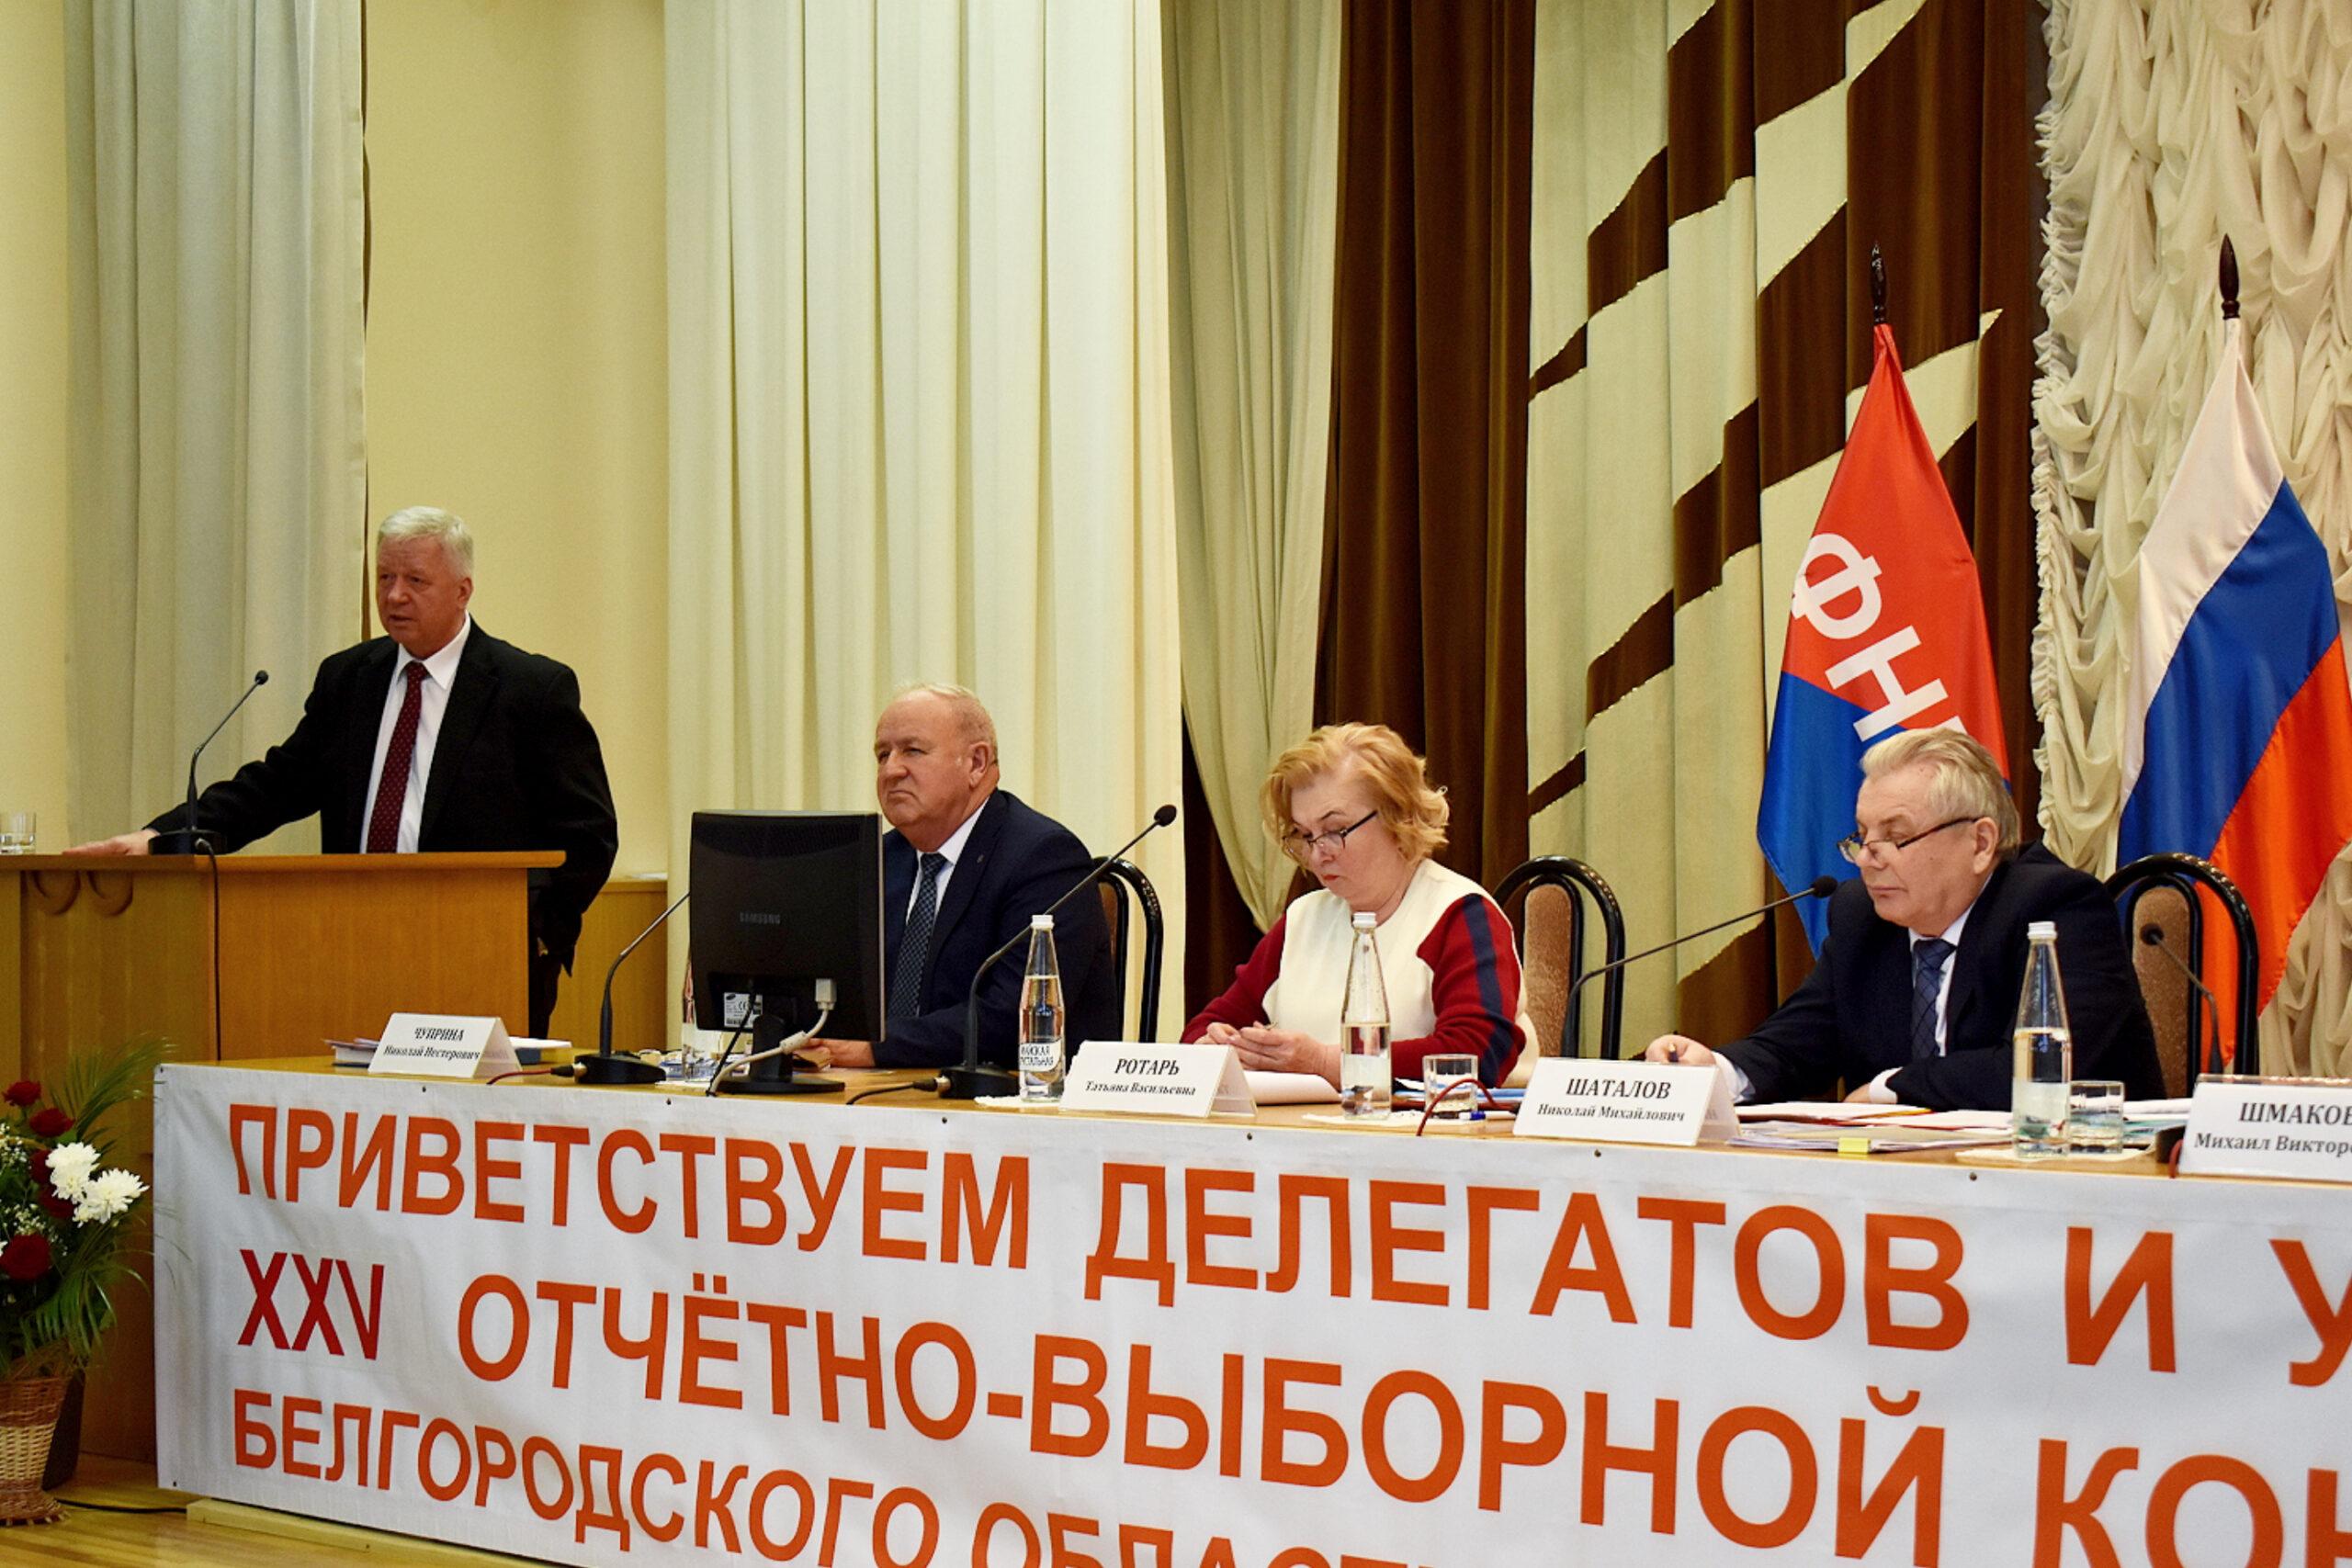 XXV отчетно-выборная конференция областного профобъединения